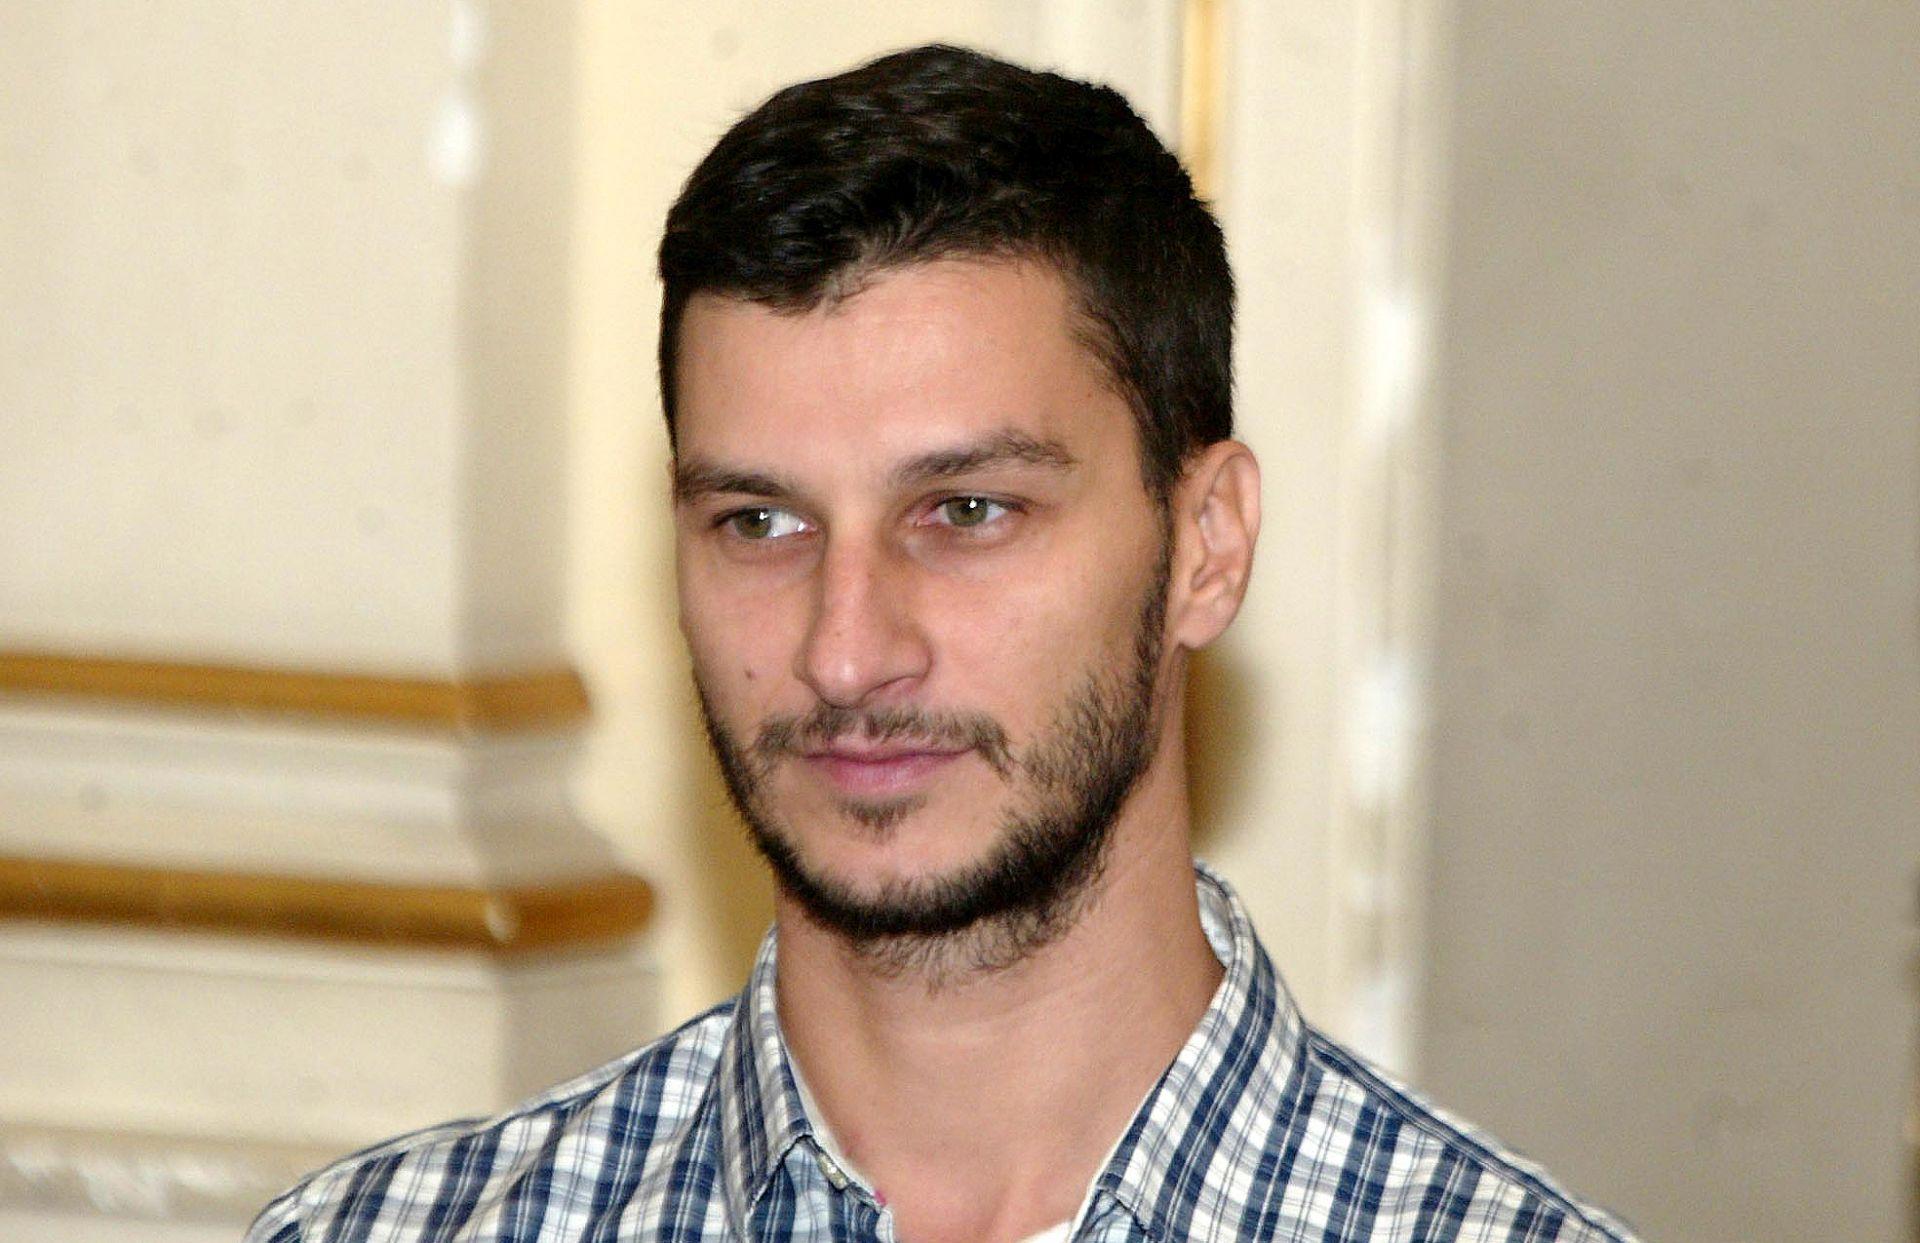 O. D. ravnatelja riječkoga Baleta Balasz Baranyai dao ostavku nakon anonimnog pisma